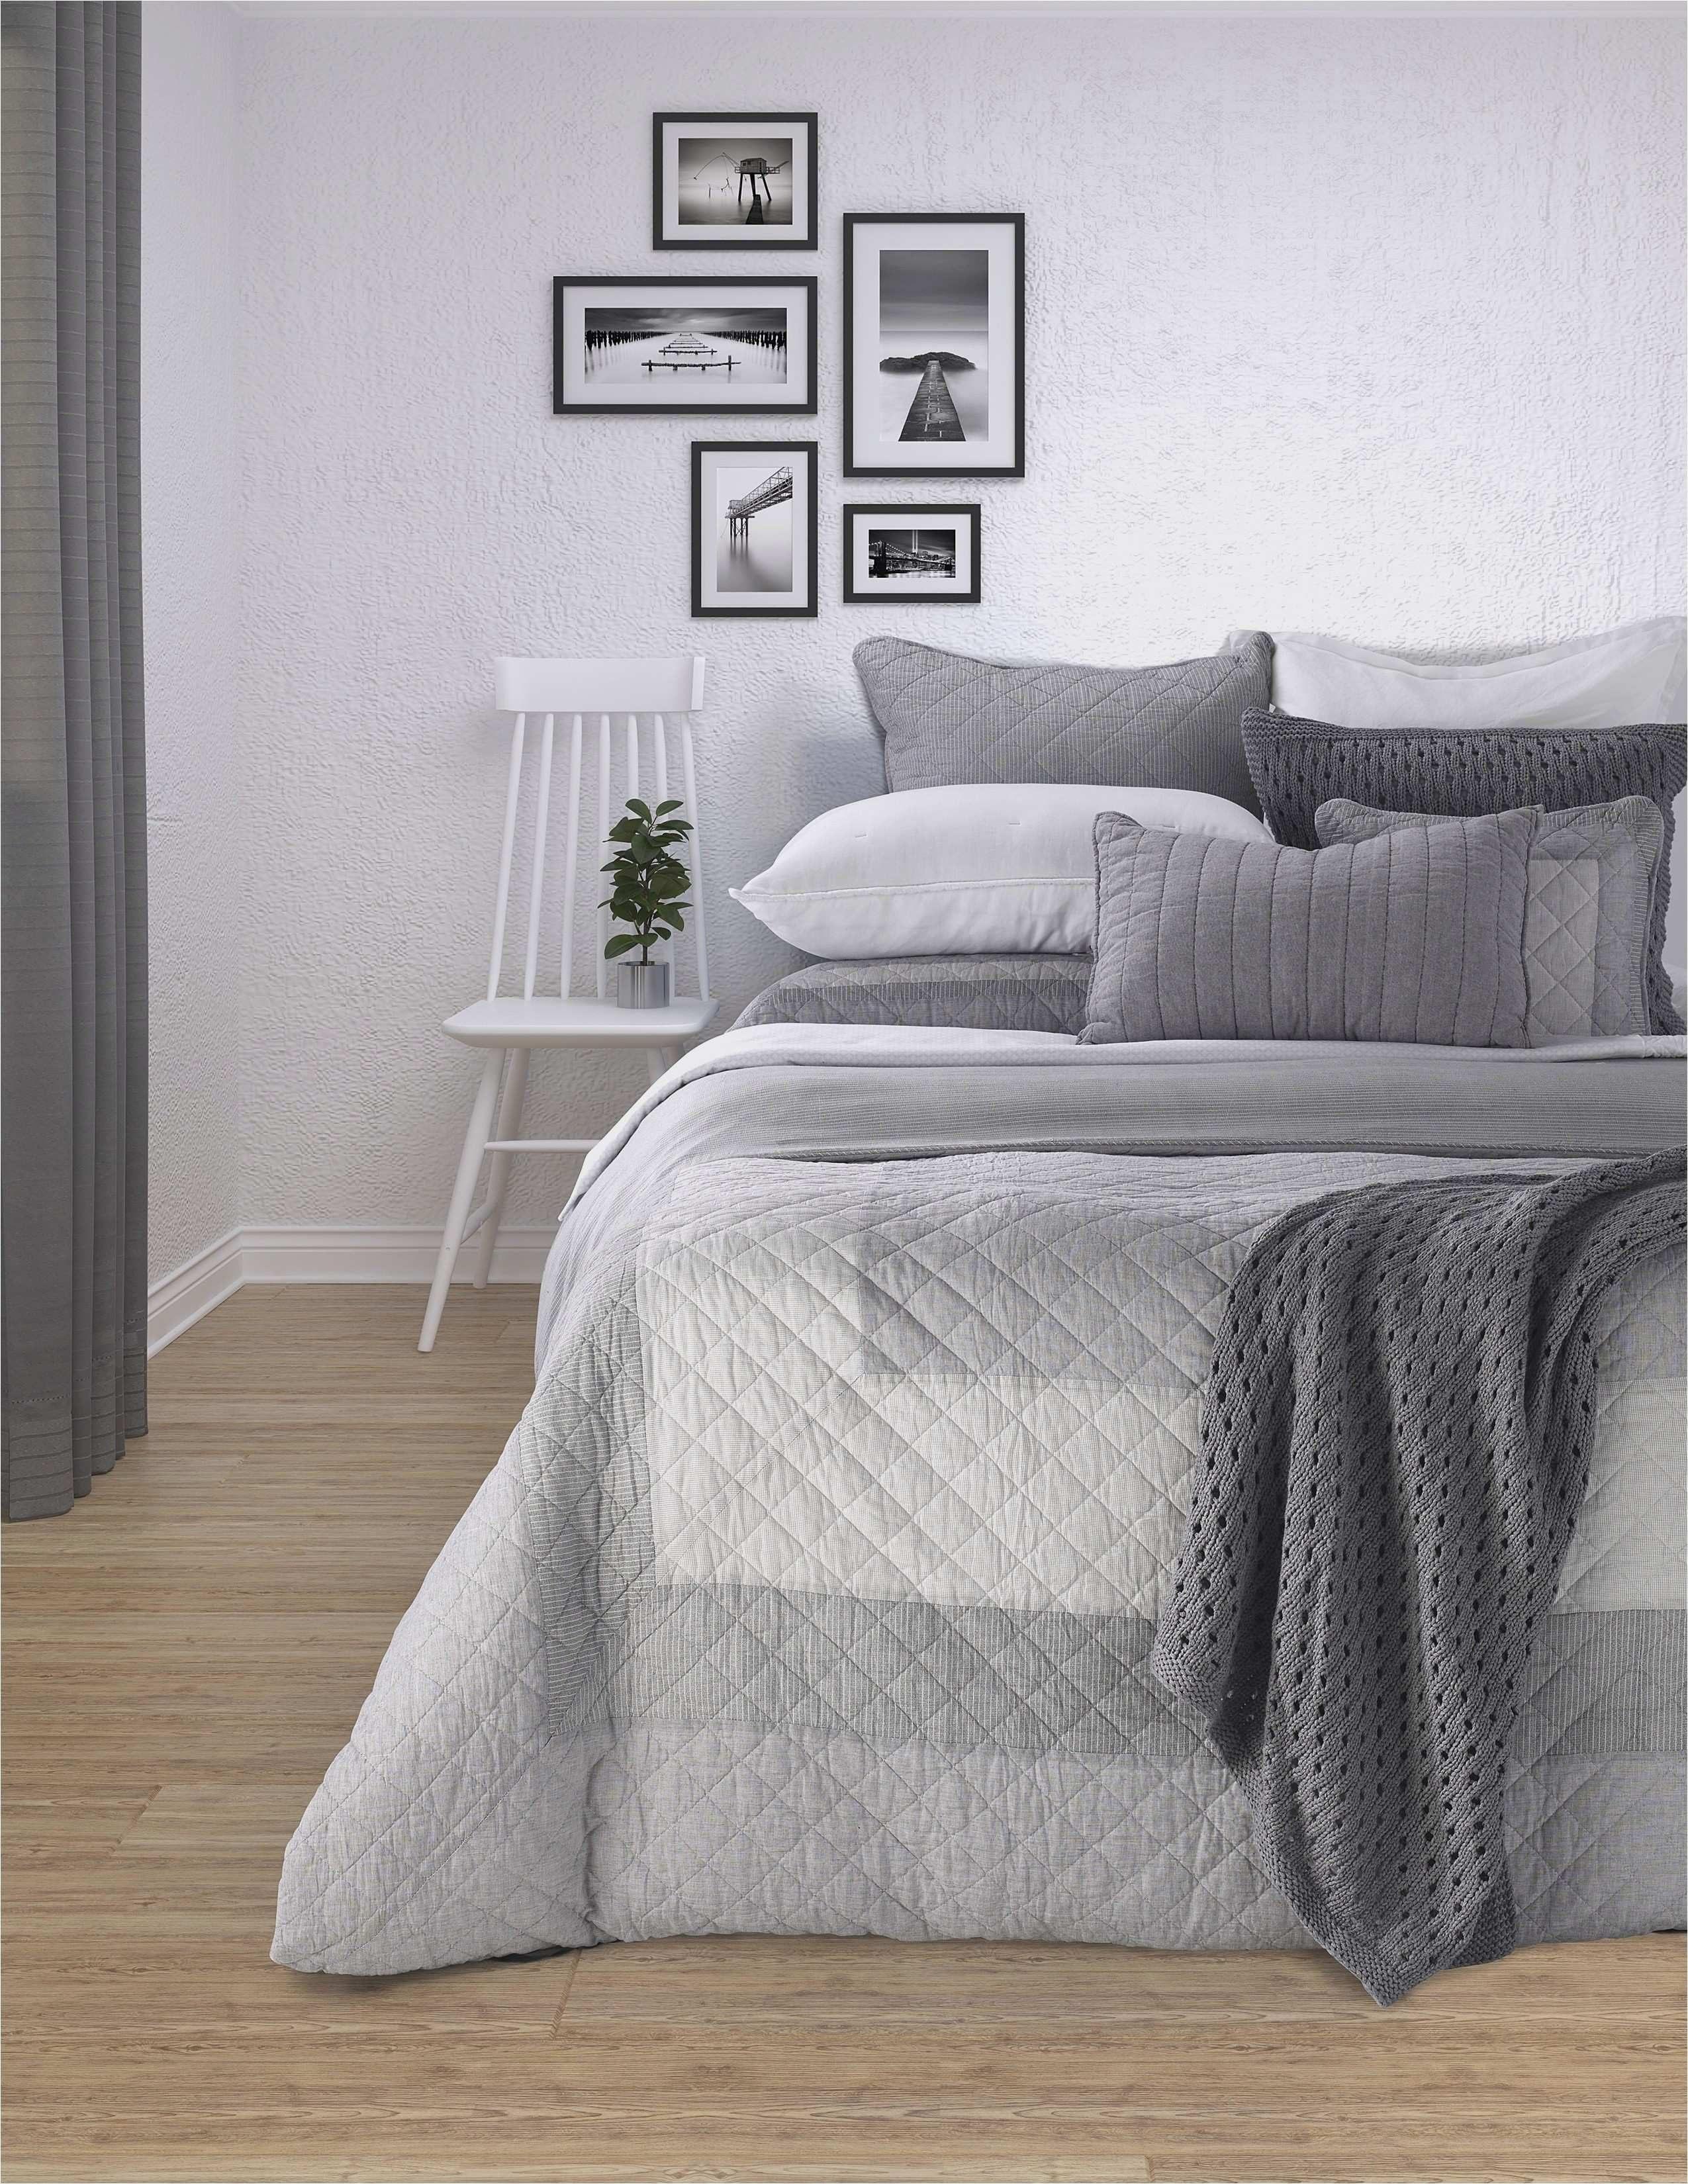 Drap Lit 160×200 Impressionnant Couette Lit 19 Nouveau Stock De Couette Pour Lit 160—200 Ikea